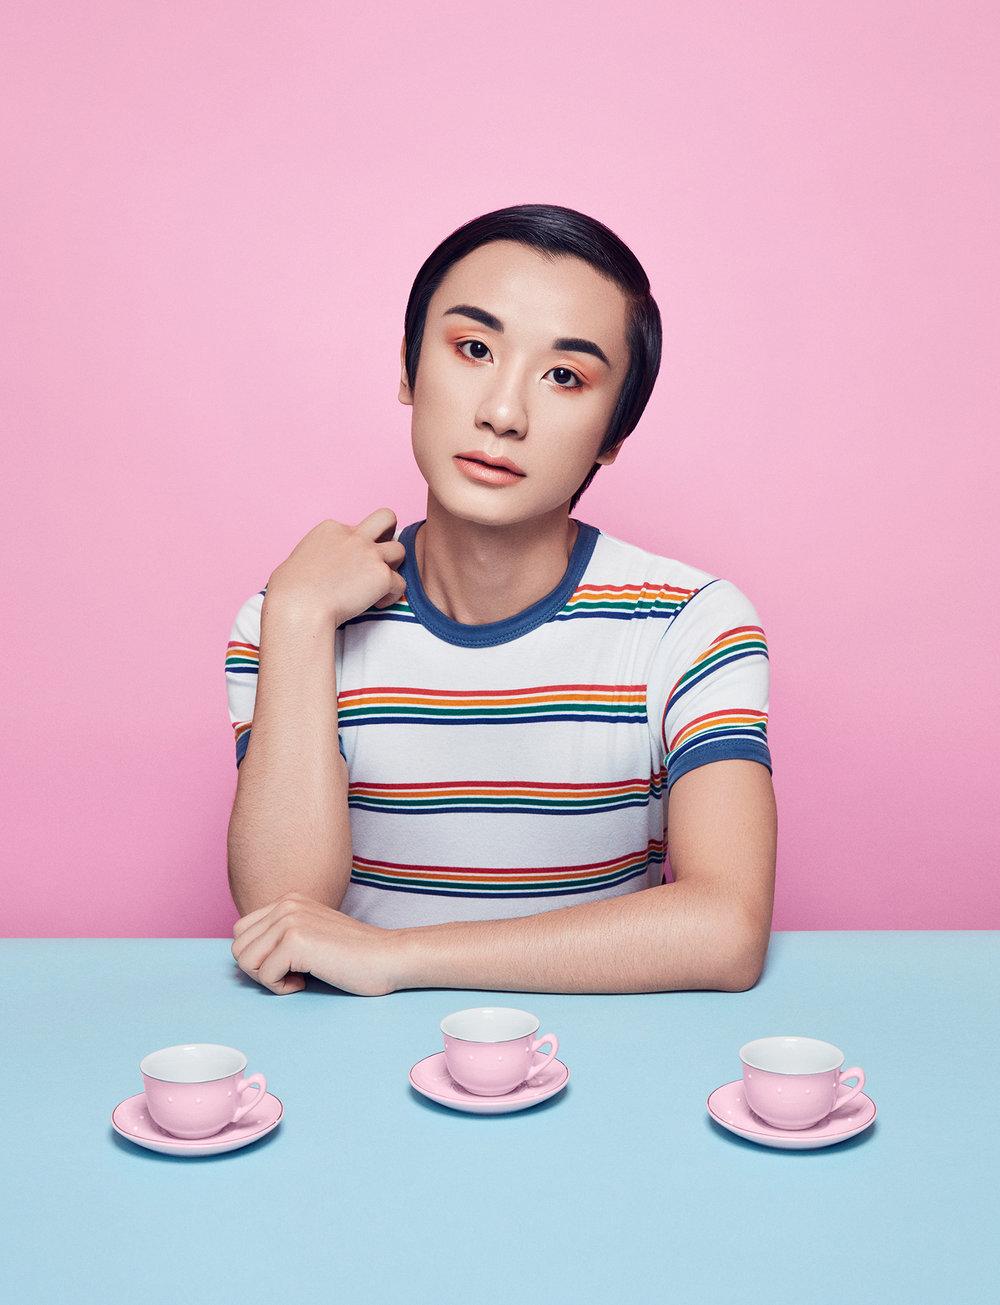 kevin+teacup.jpg